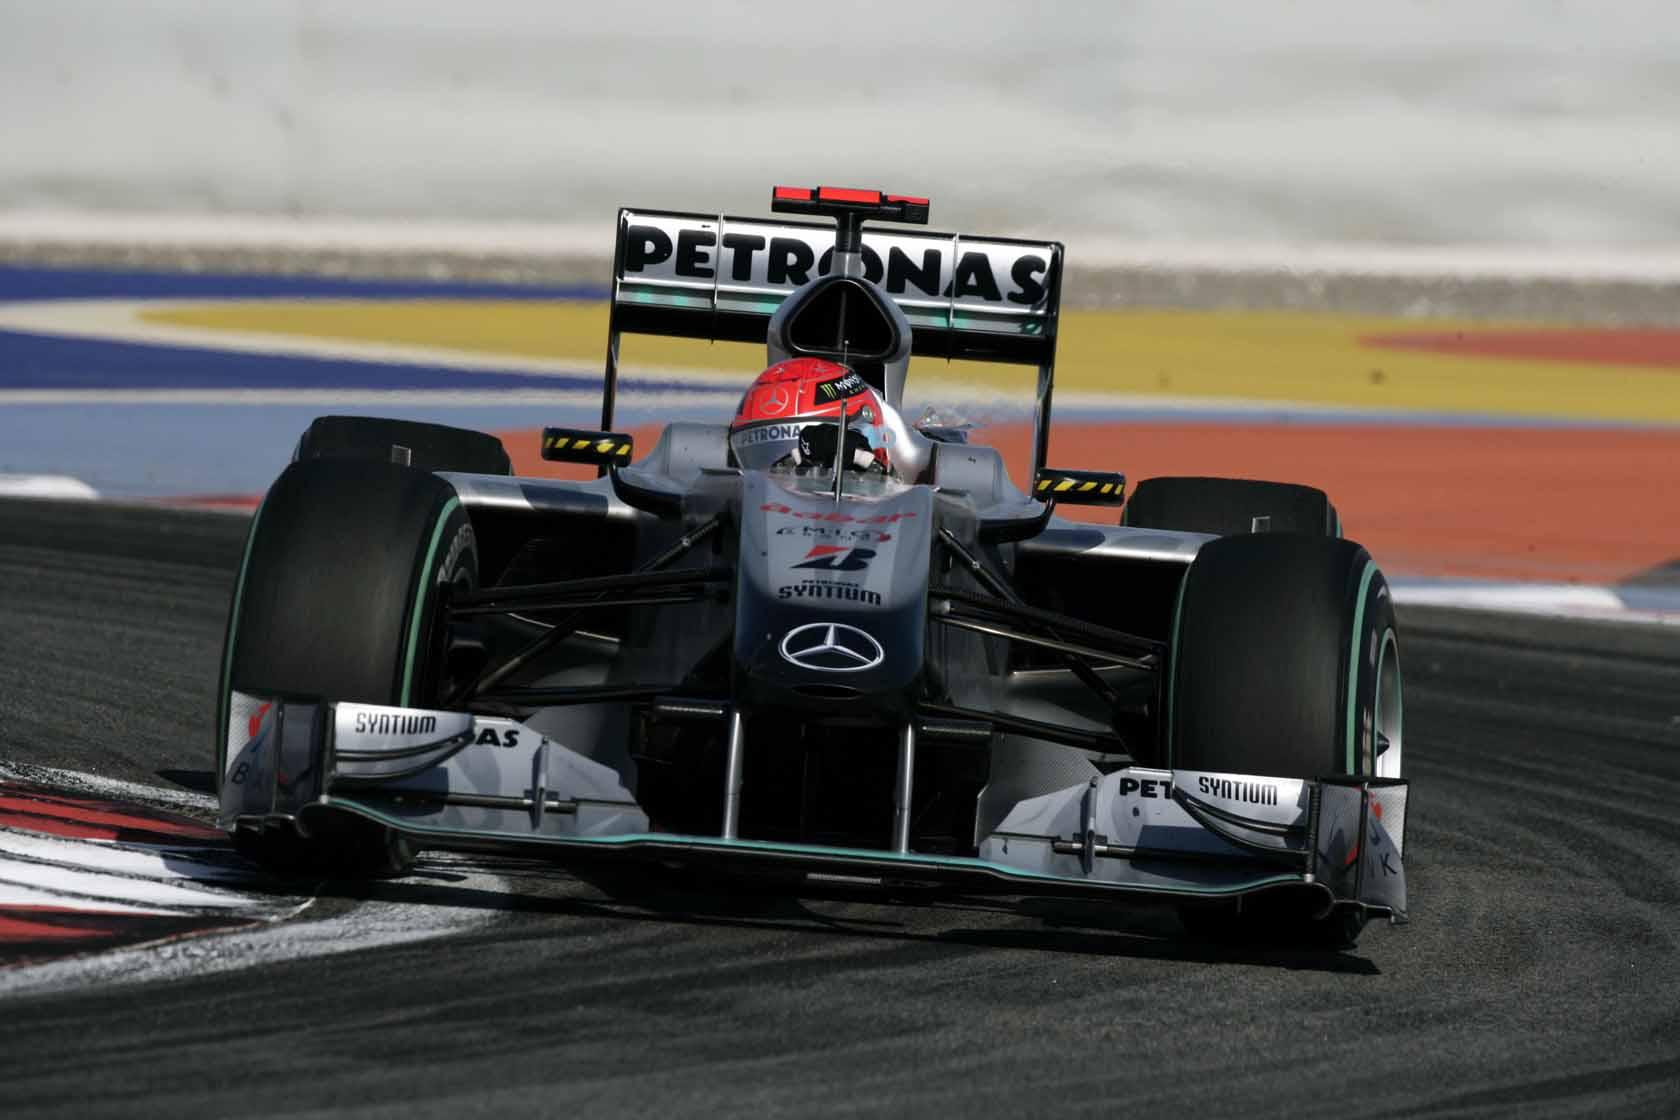 Schumacher Mercedes F1 Full Hd Wallpaper: Schumacher Twitter Wallpaper